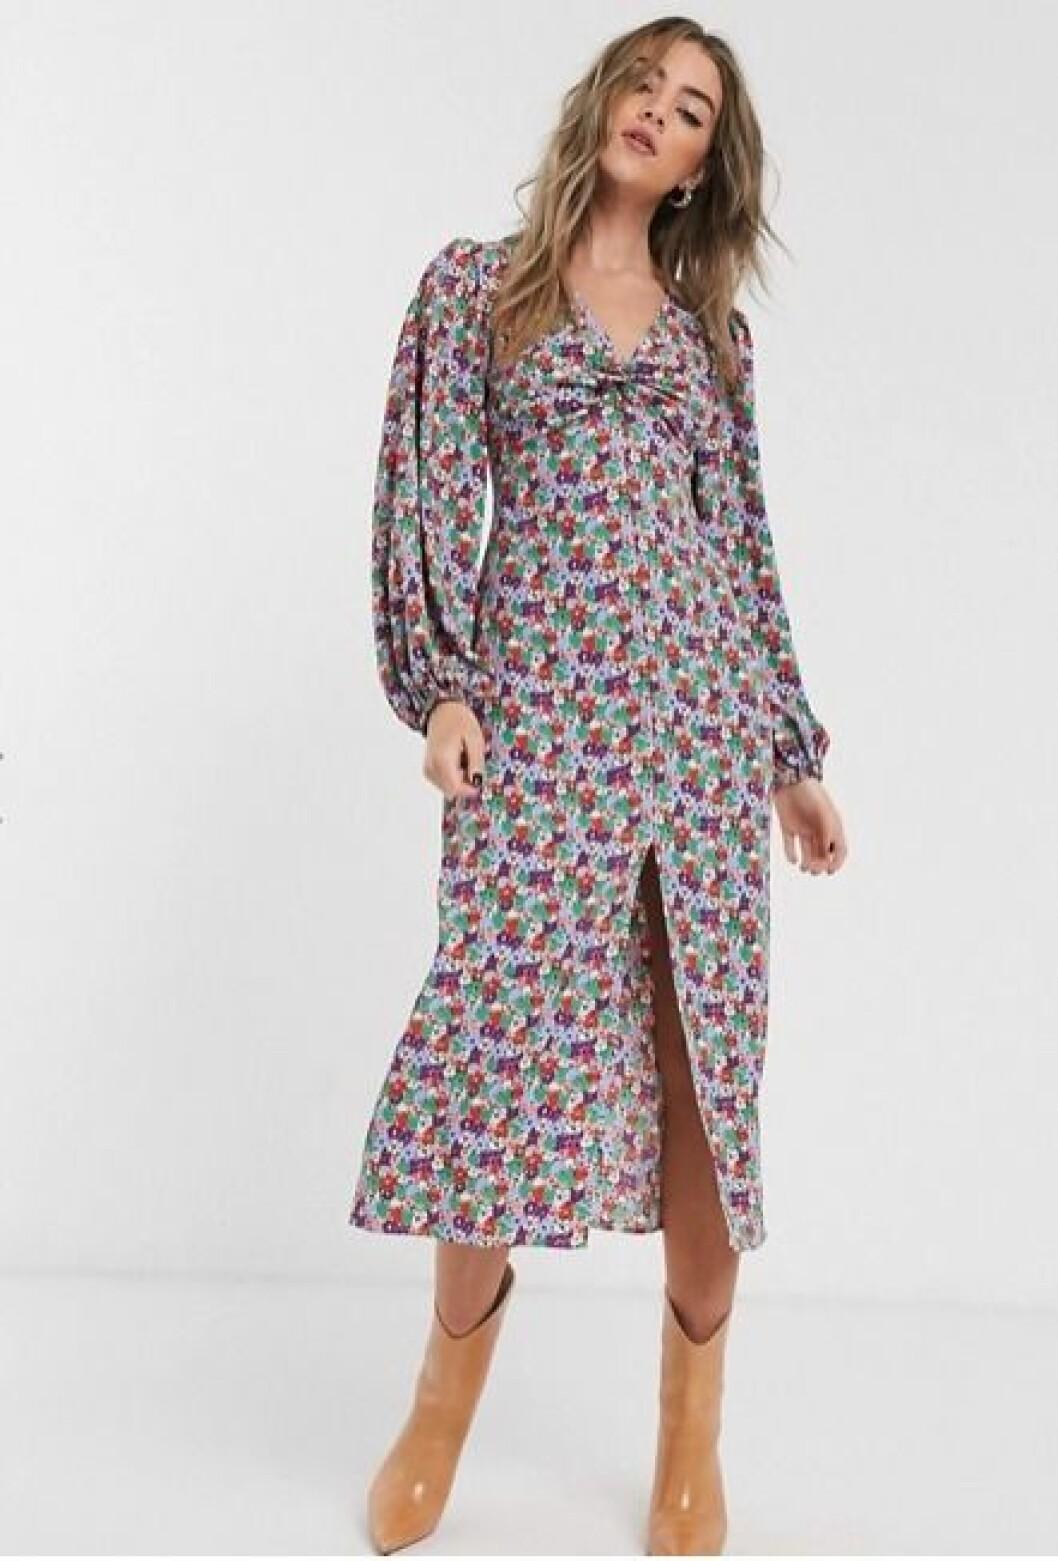 blommig klänning med lång ärm